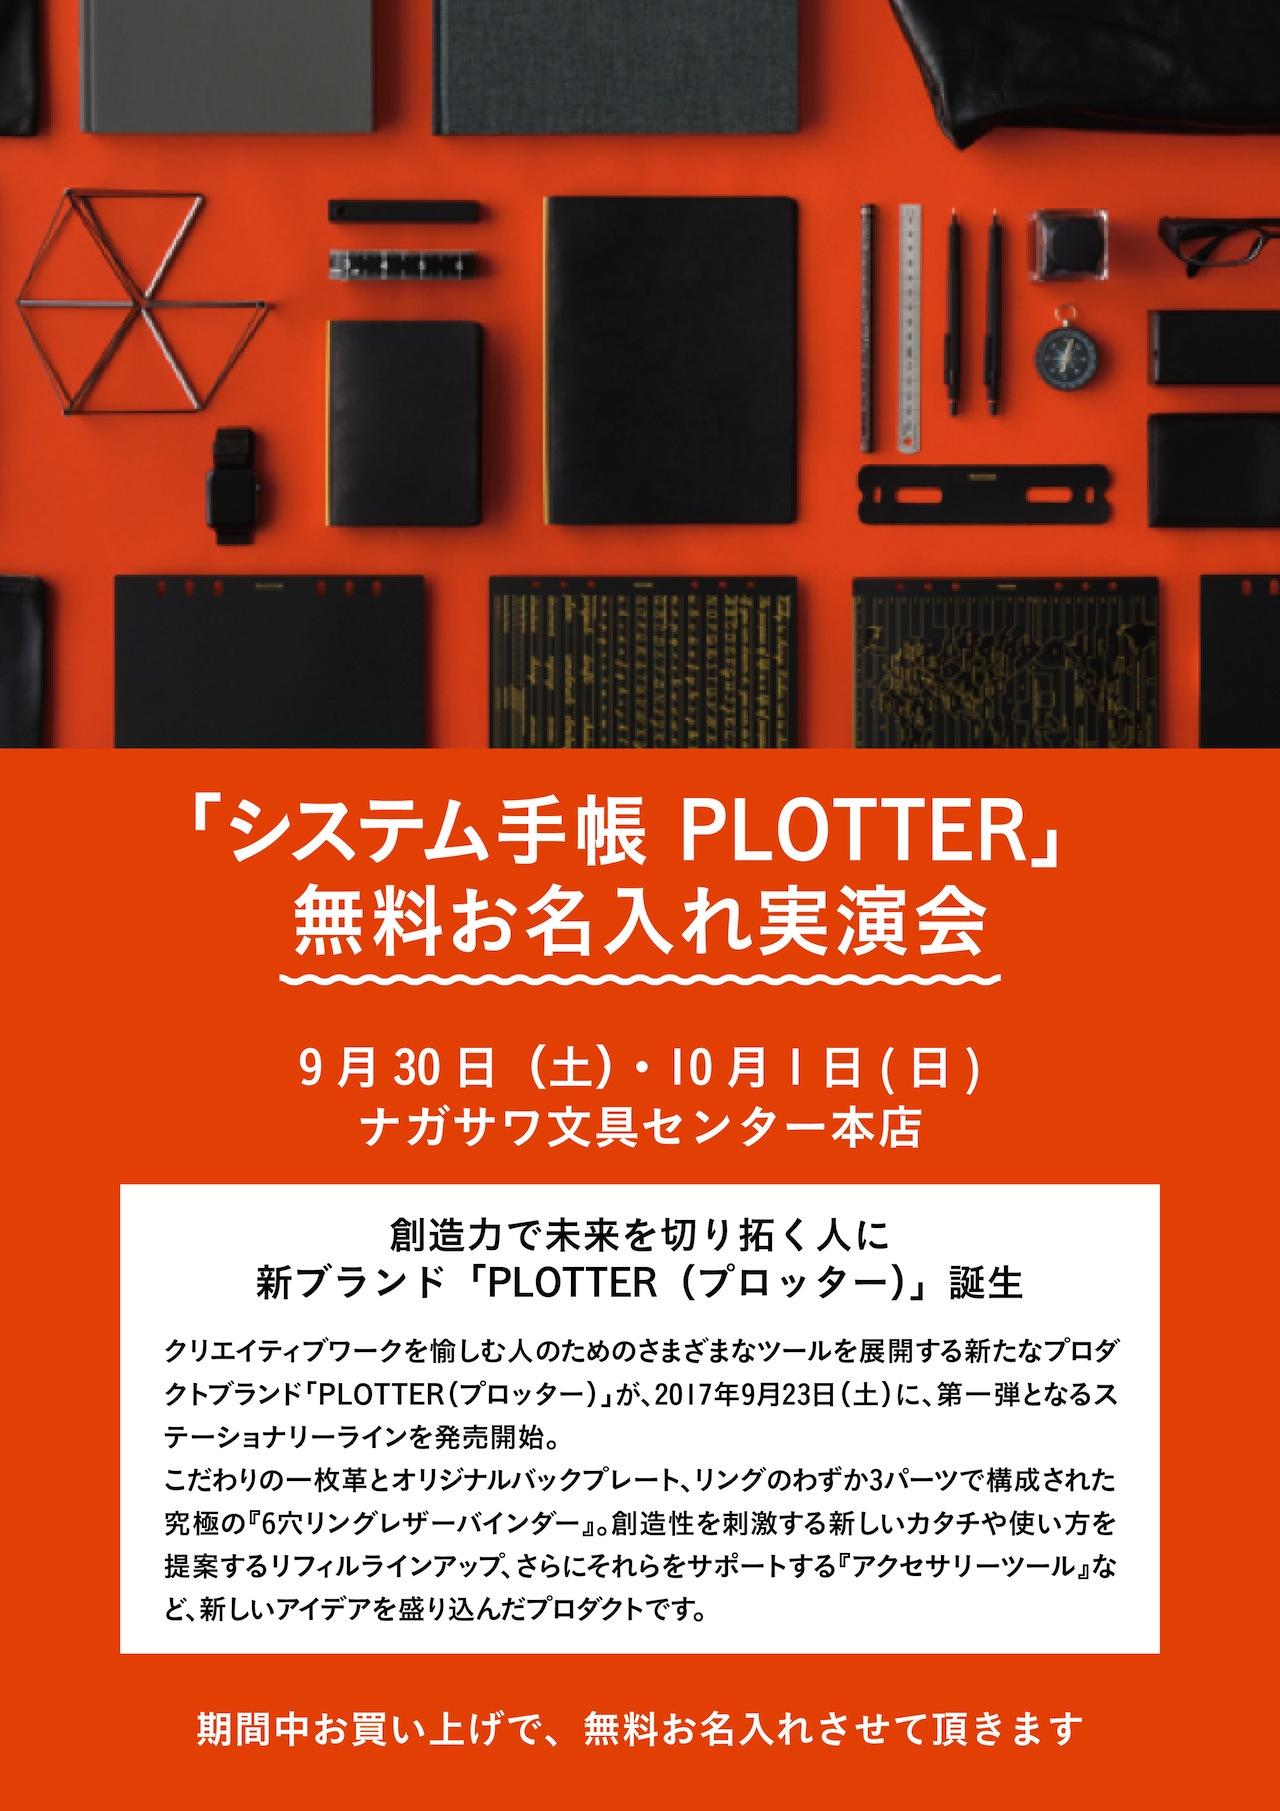 「システム手帳 PLOTTER」無料お名入れ実演会 @ ナガサワ文具センター 本店